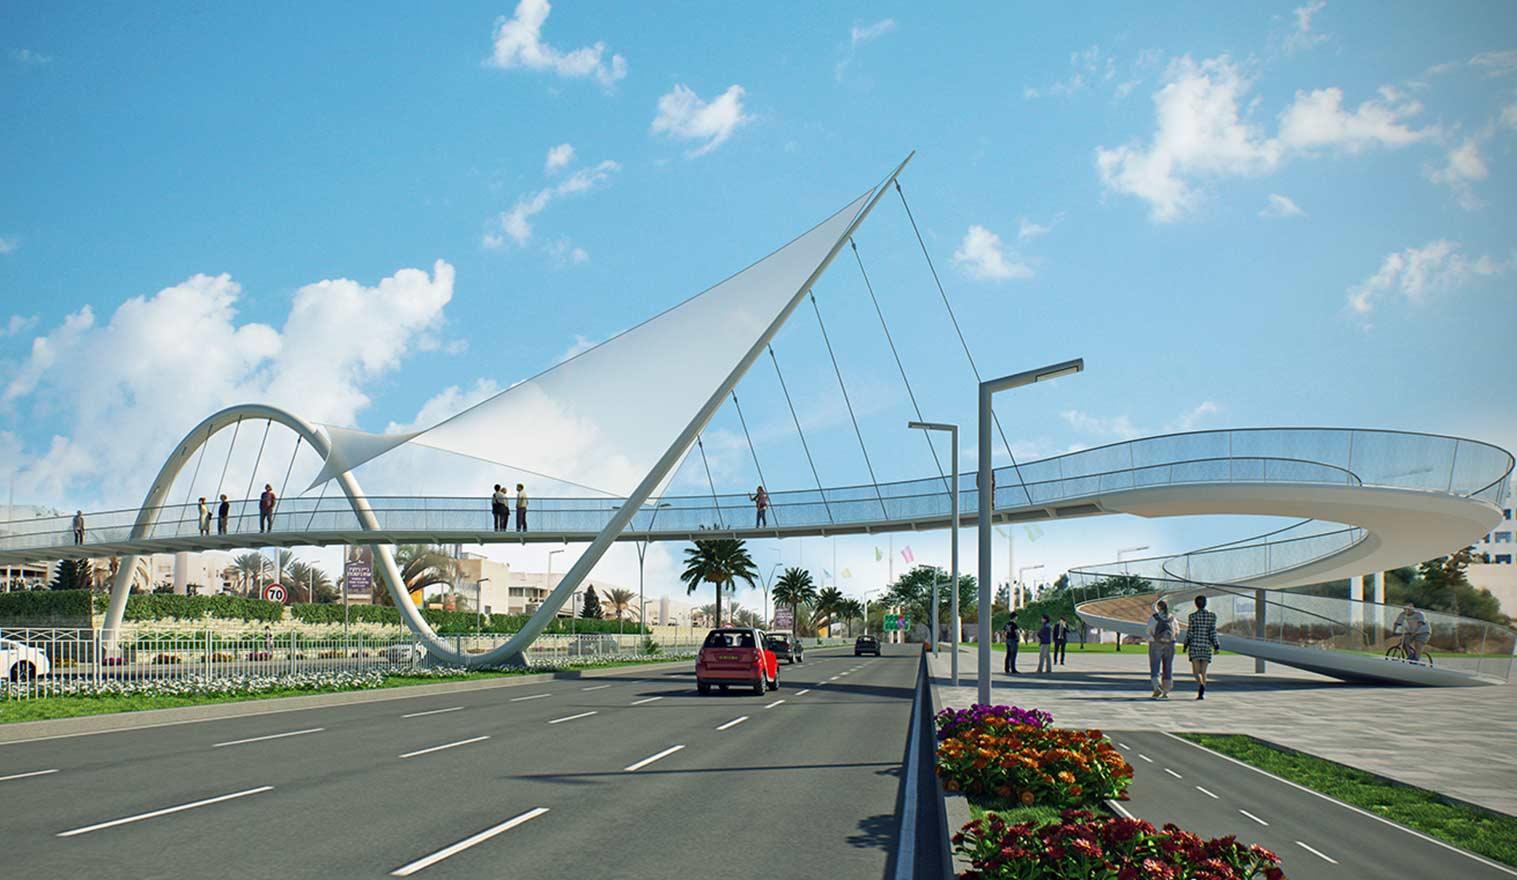 תכנון גשר במסגרת תחרות אדריכלות